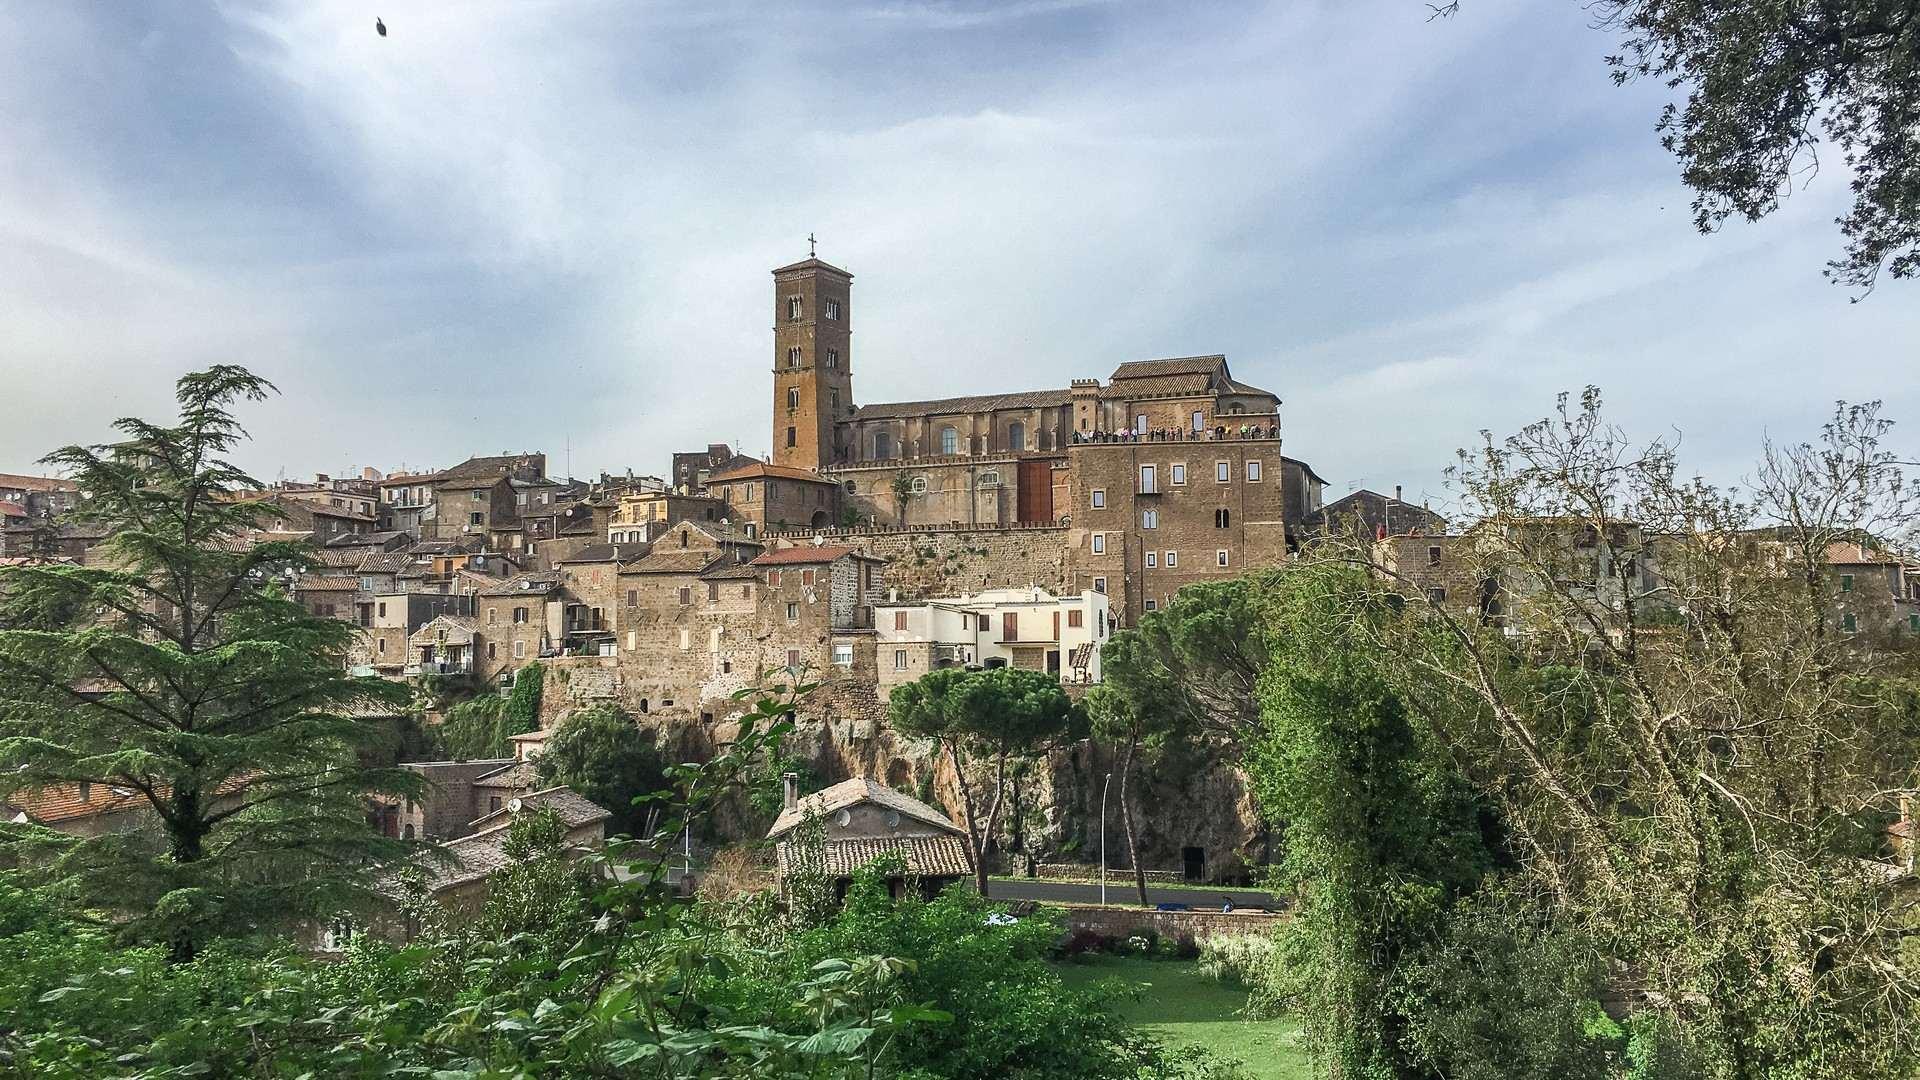 Il borgo di Sutri visto da lontano. Il paese si trova adagiato su uno sperone roccioso e spicca tra tutti gli edifici l'alto campanile della chiesa. In primo piano la verde vegetazione.